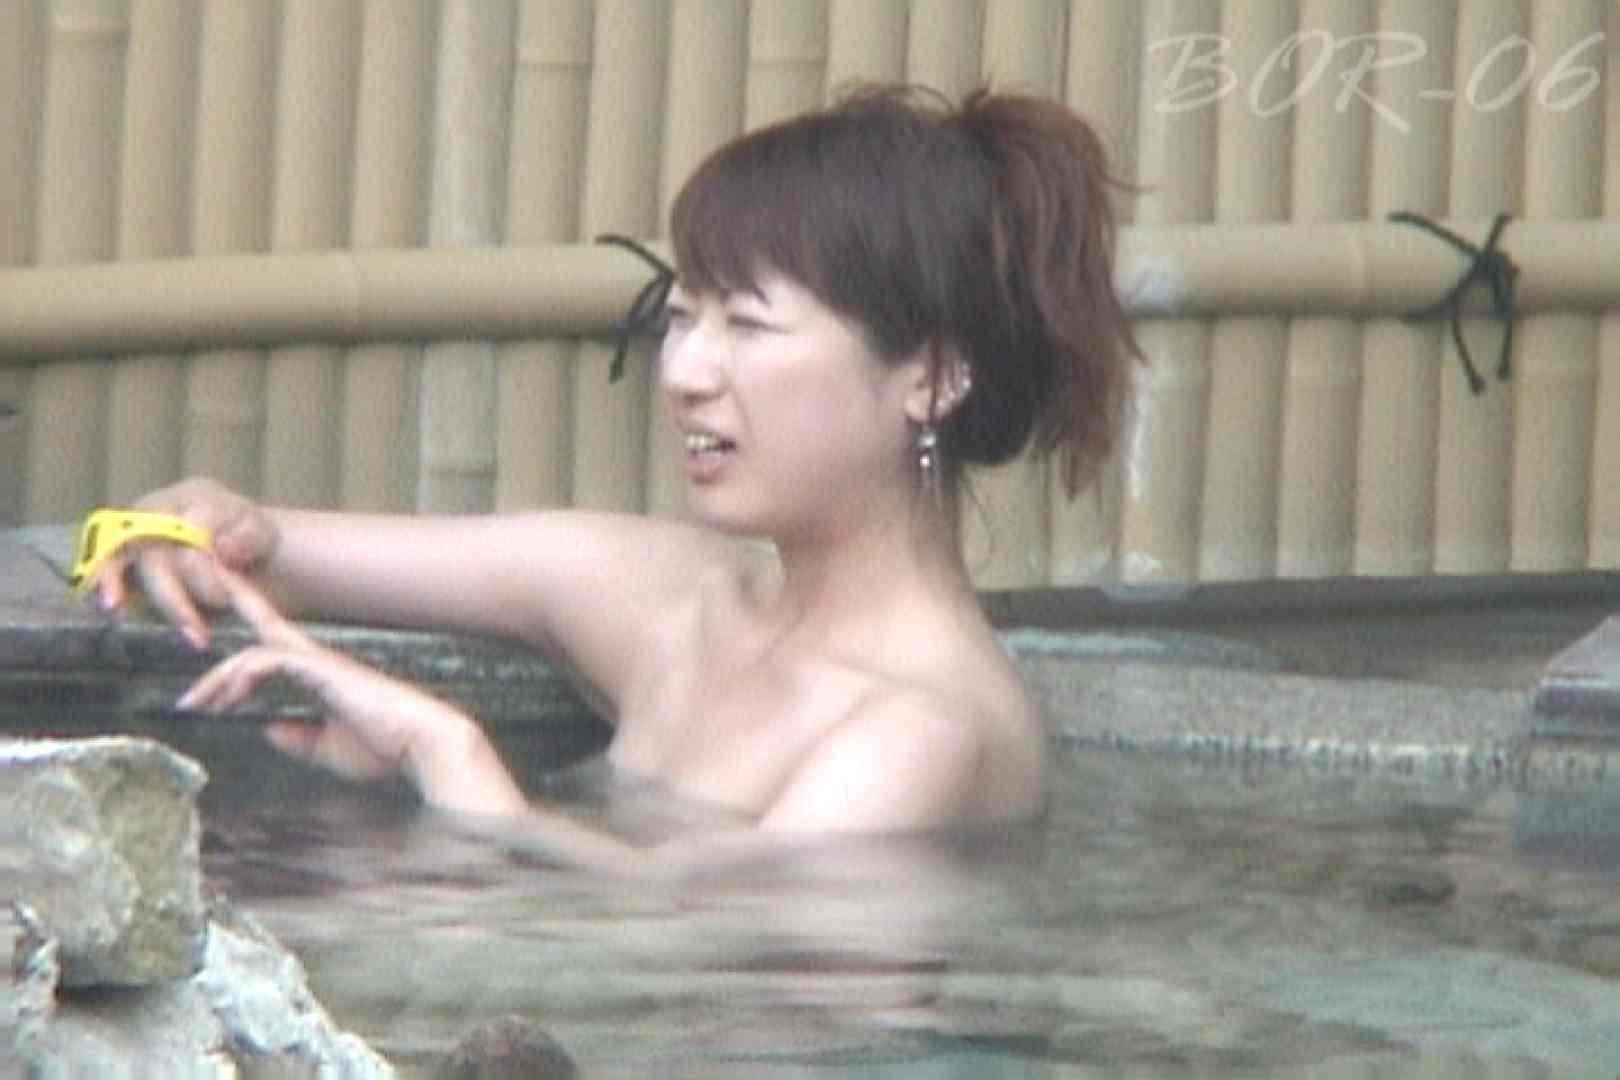 女露天風呂劇場 Vol.16 OLの実態  35pic 20